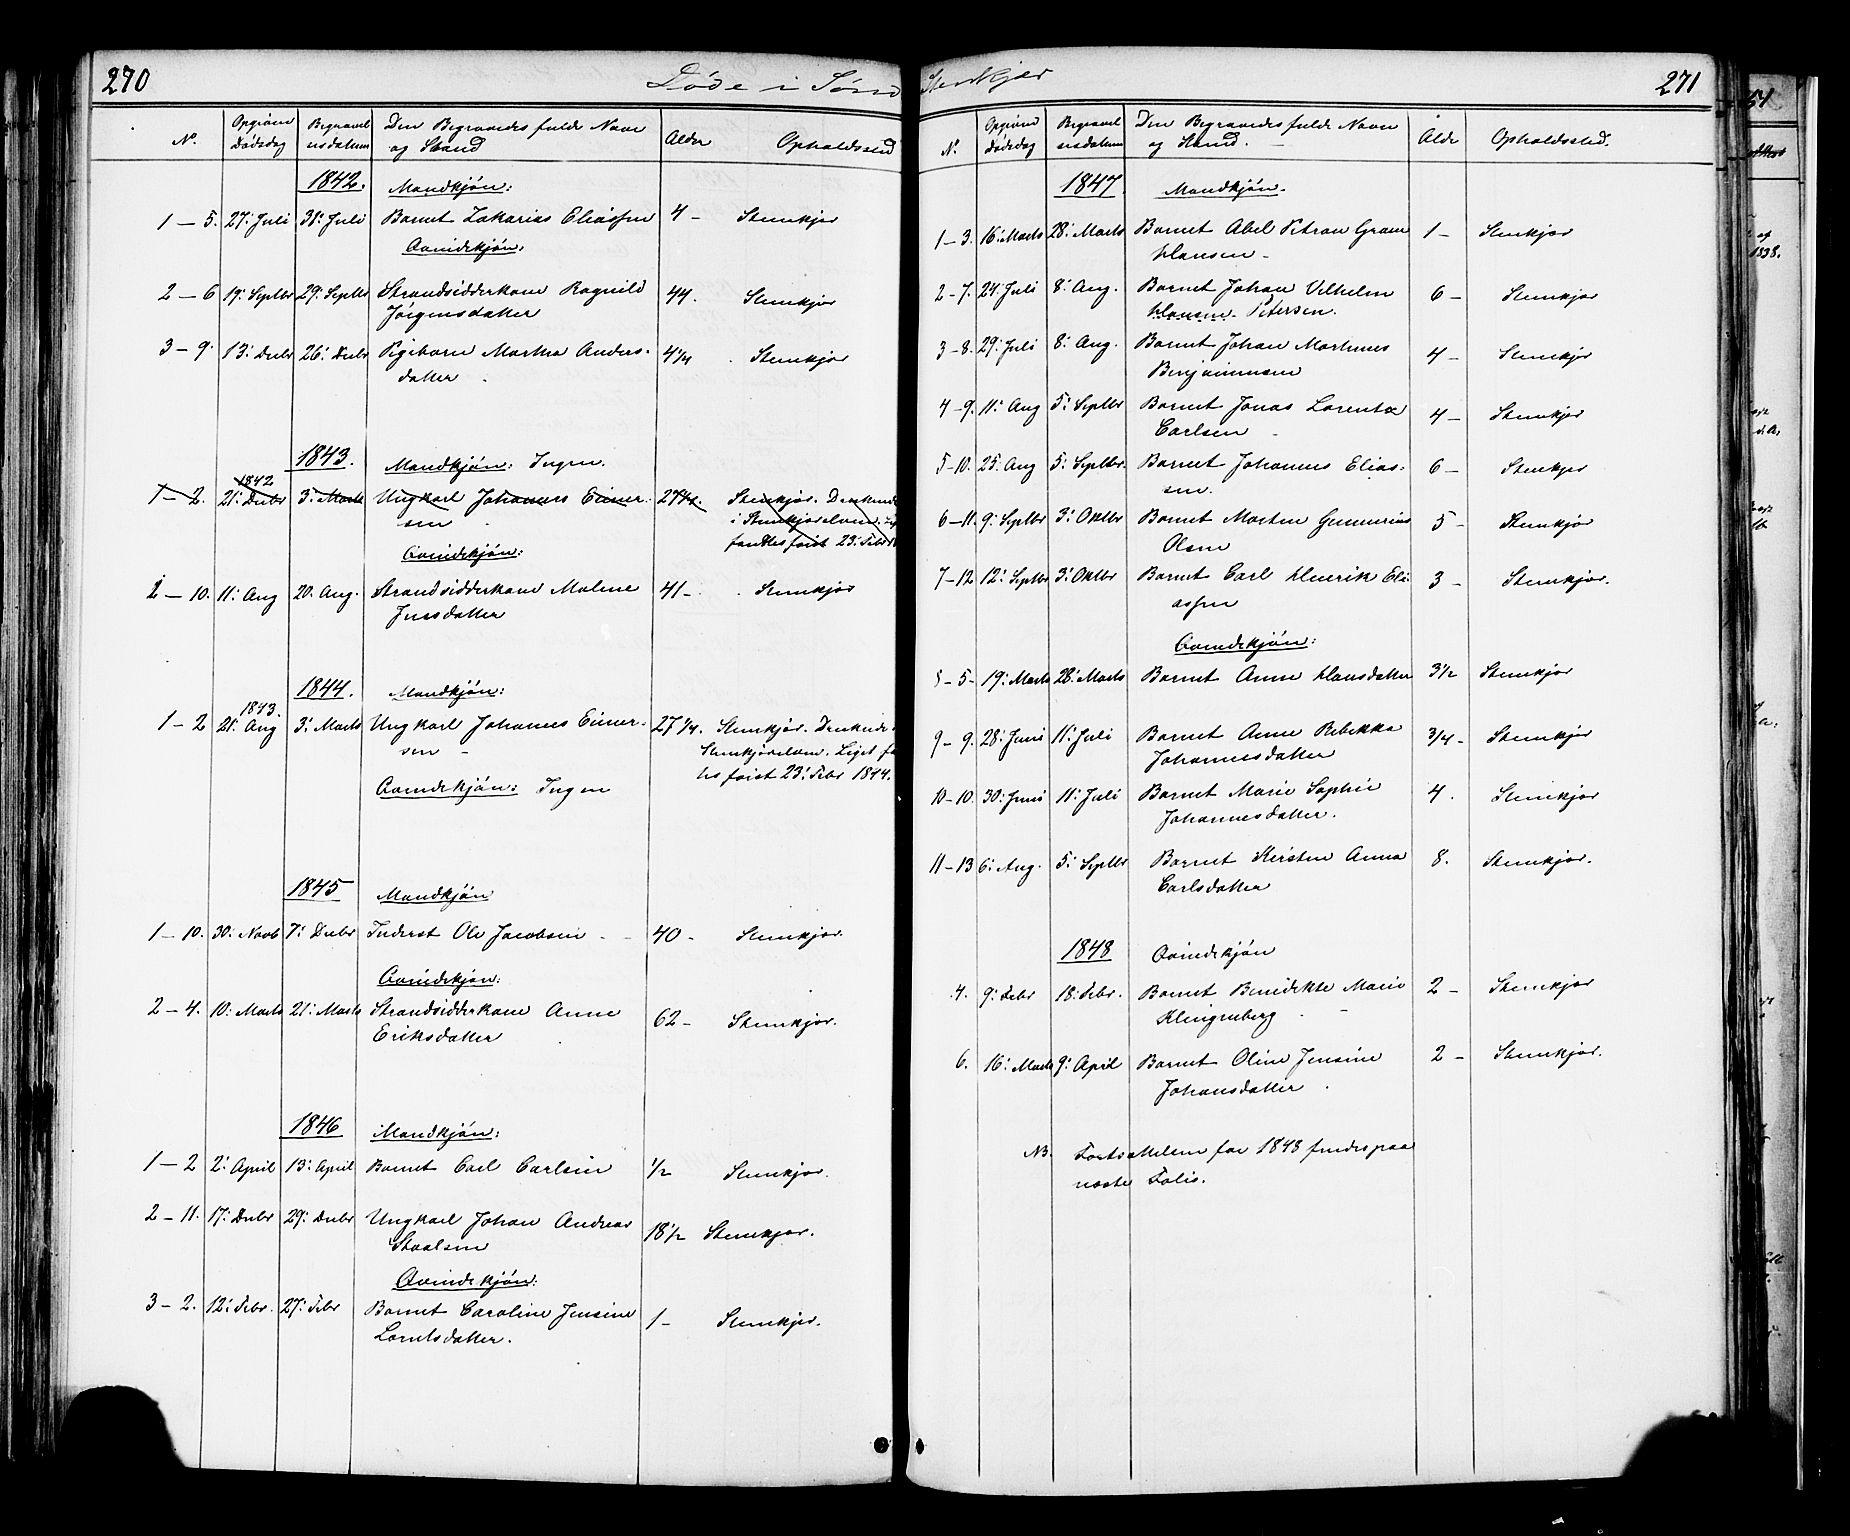 SAT, Ministerialprotokoller, klokkerbøker og fødselsregistre - Nord-Trøndelag, 739/L0367: Ministerialbok nr. 739A01 /1, 1838-1868, s. 270-271